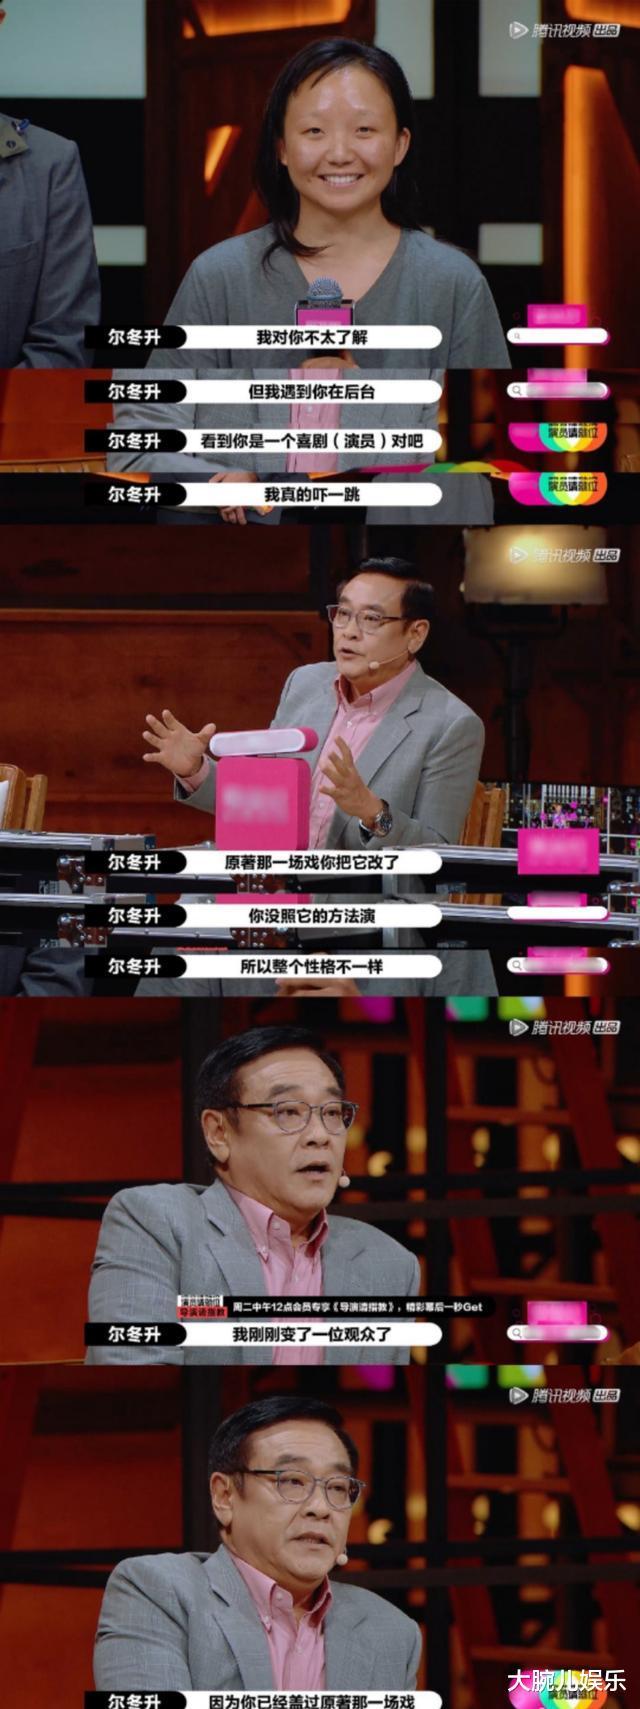 同類型選手,郭敬明成就瞭金靖,為何卻對辣目洋子無感?-圖5